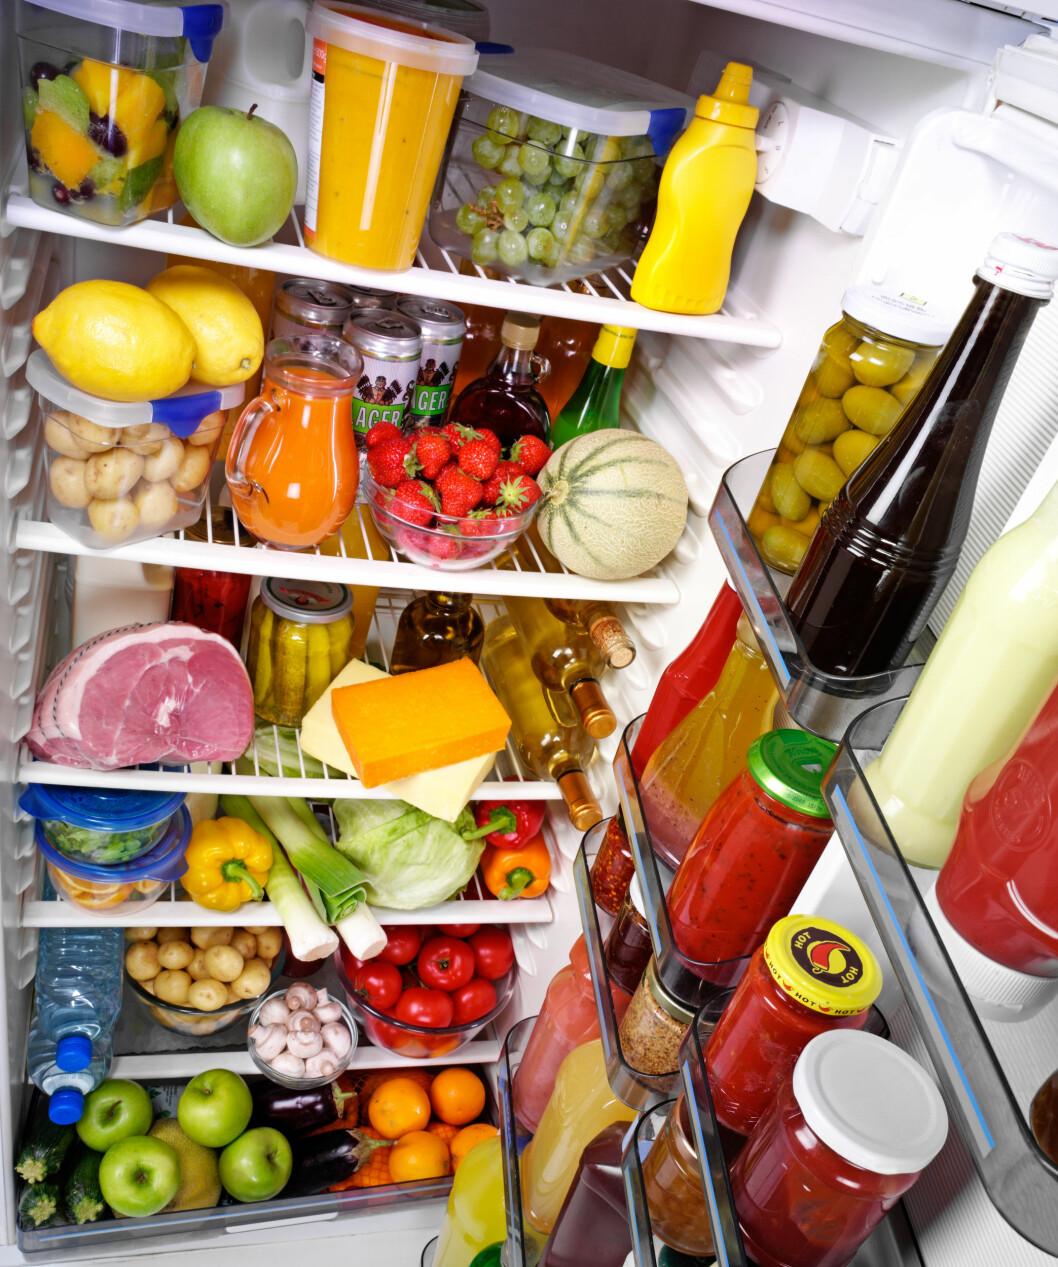 STABILT: Kjøleskap er laget for å holde riktig temperatur og luftfuktighet uavhengig av årstid, slik at matvarer holdes friske så lenge som mulig.  Foto: foodfolio / Alamy/All Over Press